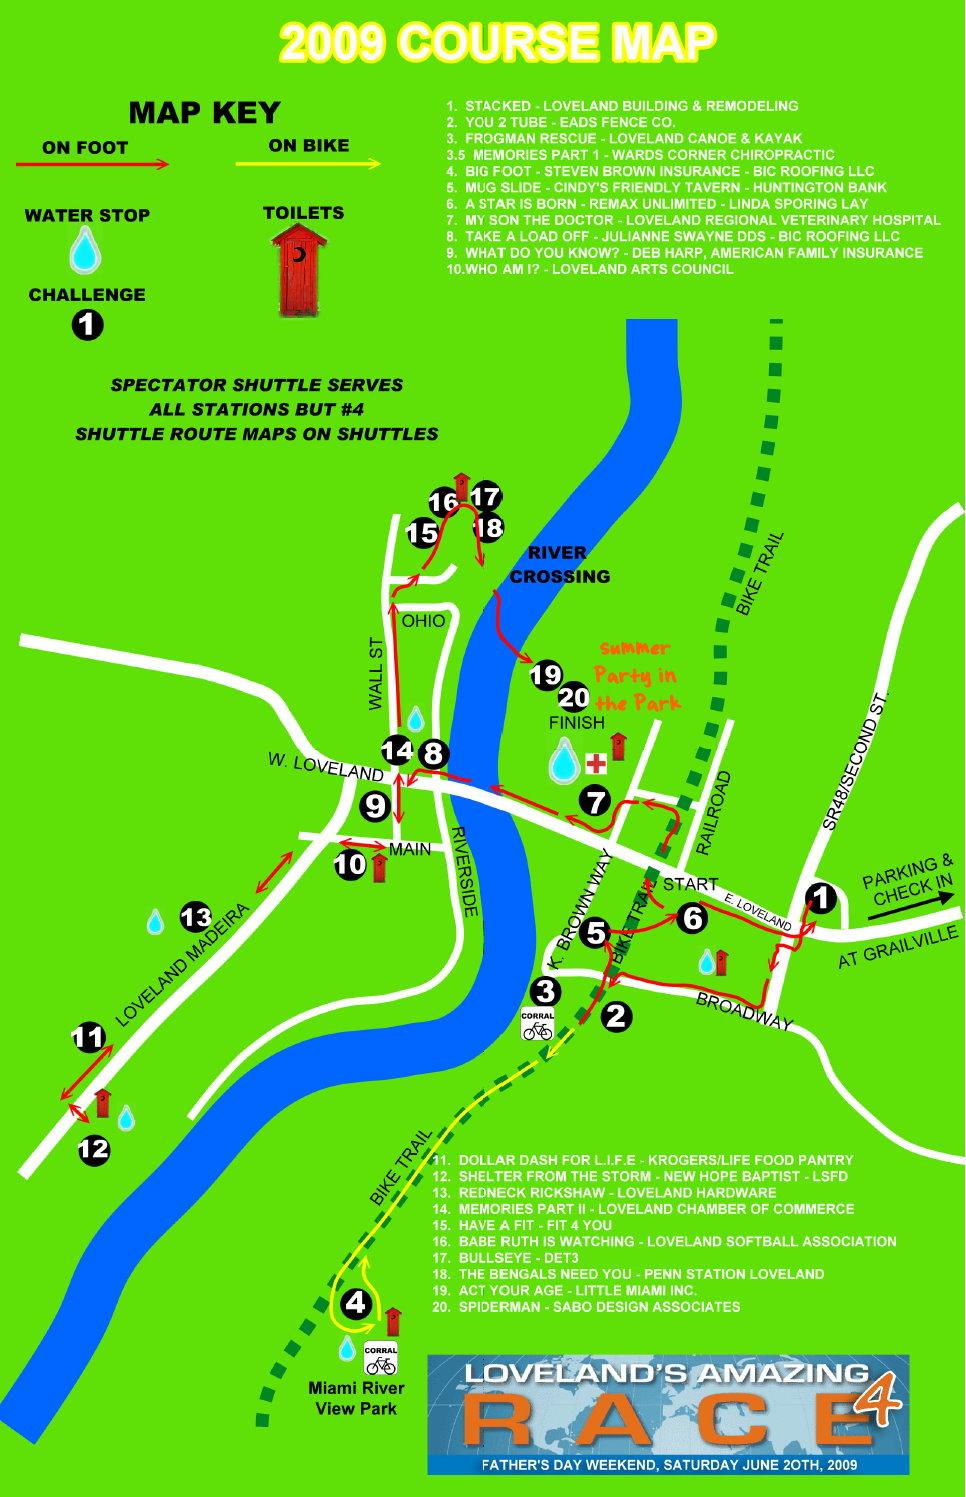 2009 Coursemap